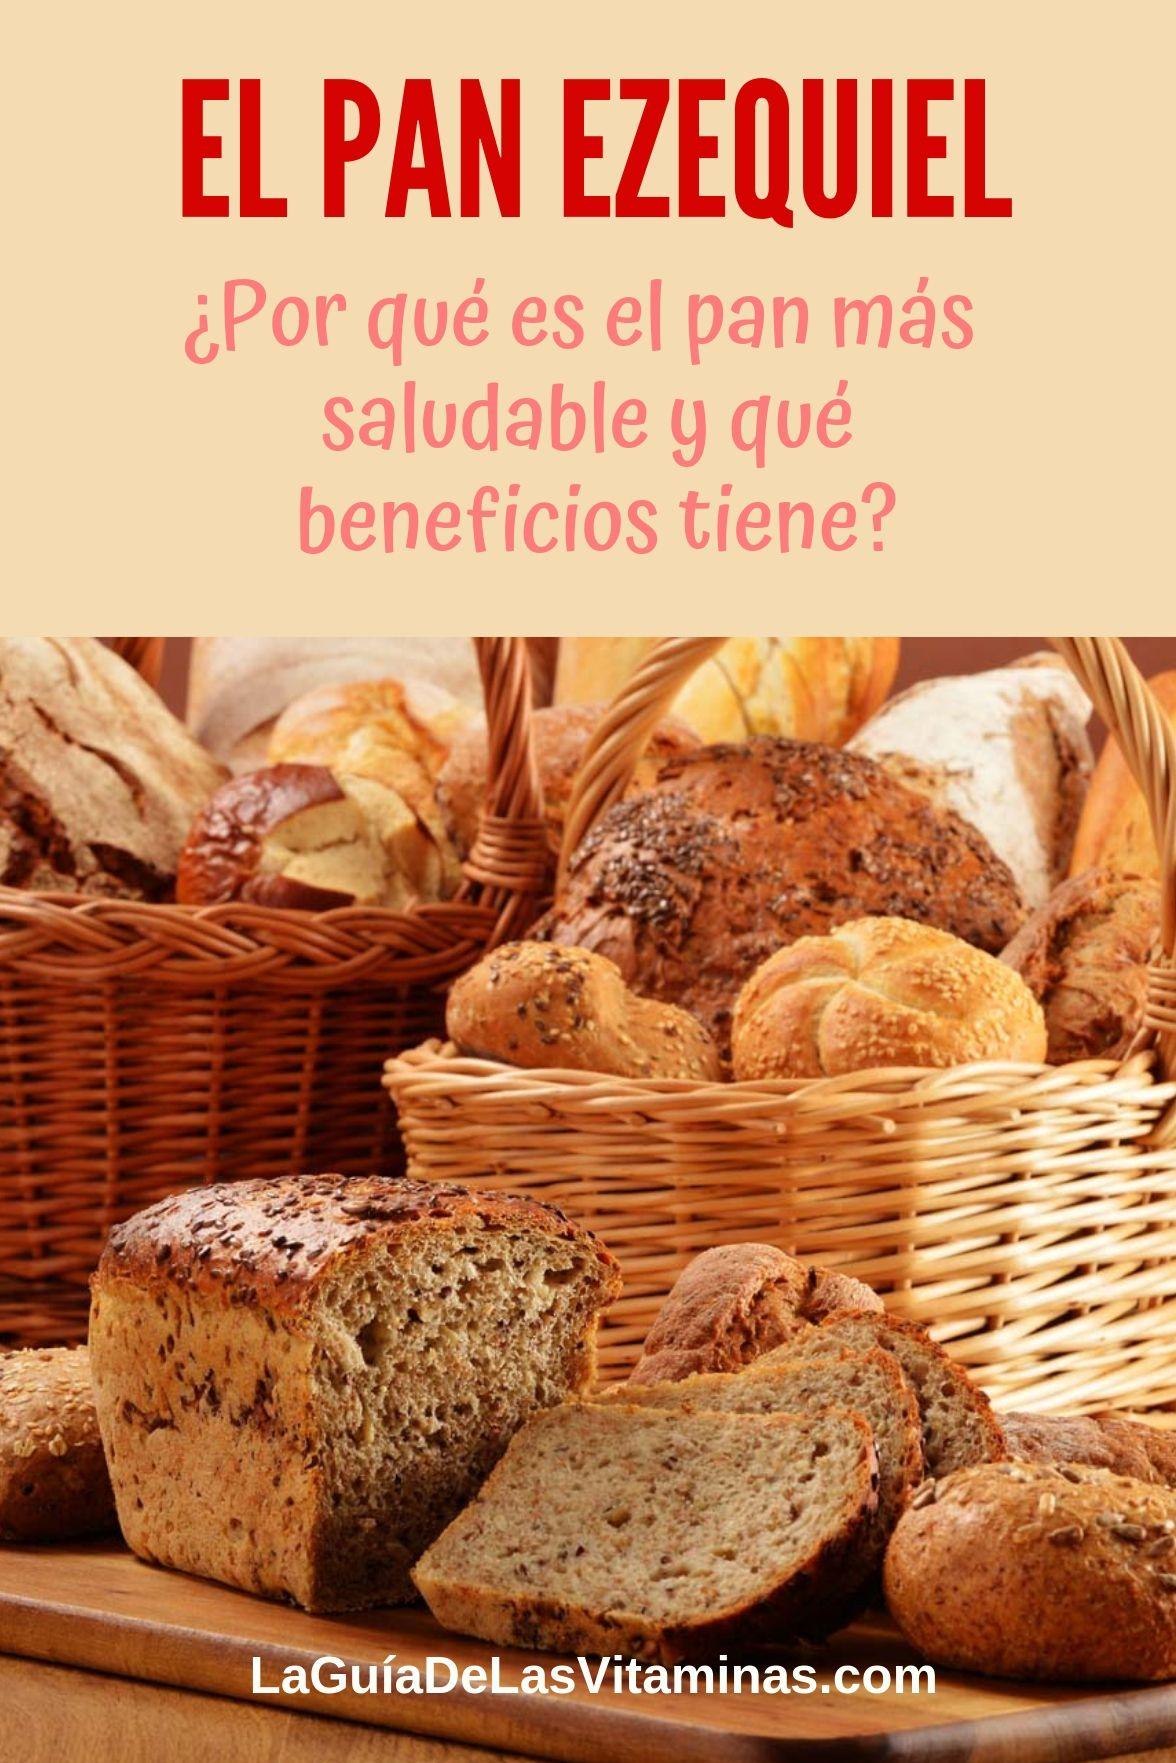 El pan ezequiel, ¿Por qué es el pan más saludable y qué beneficios tiene?